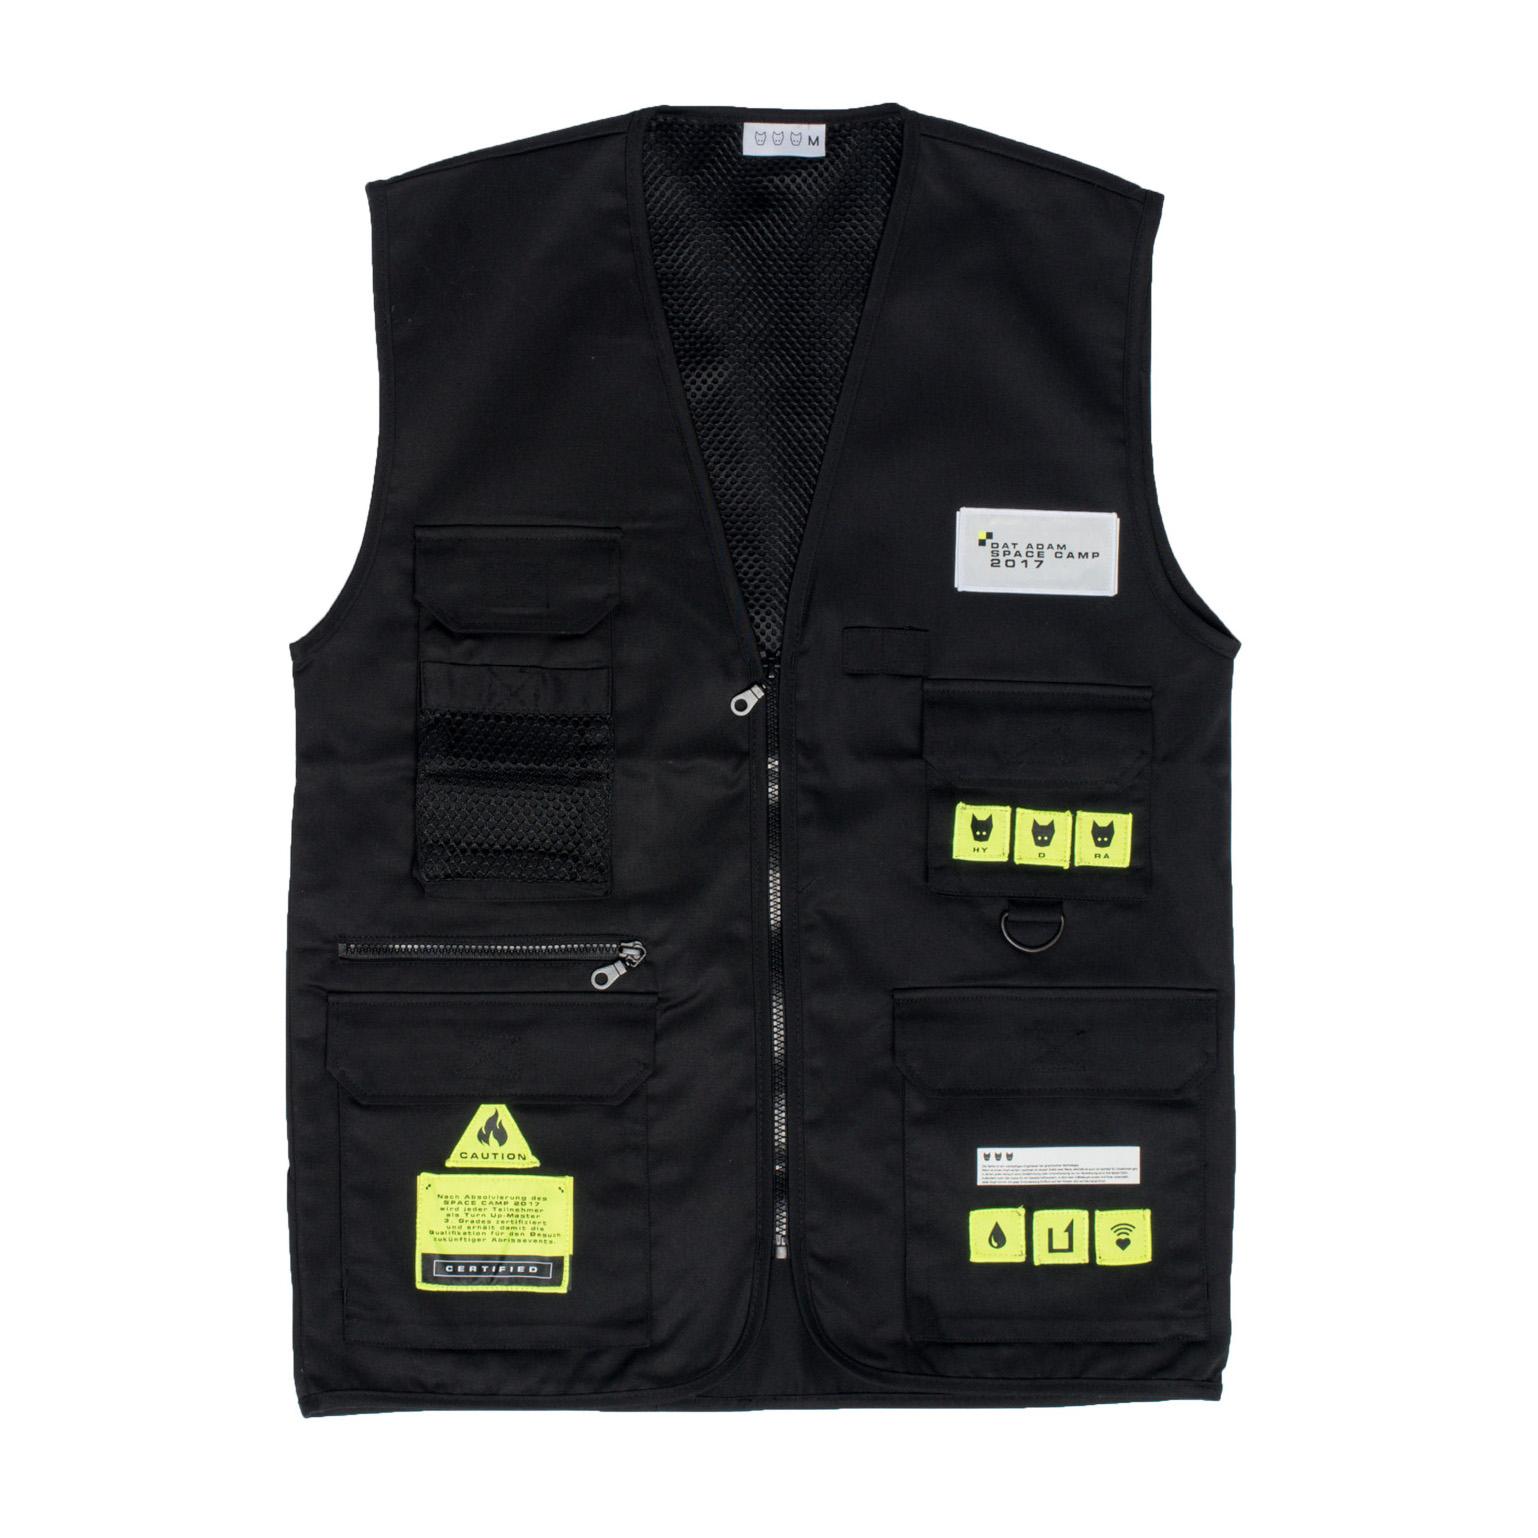 SPACECAMP 2017 Patched Vest von DAT ADAM - Weste jetzt im Dat Adam Shop